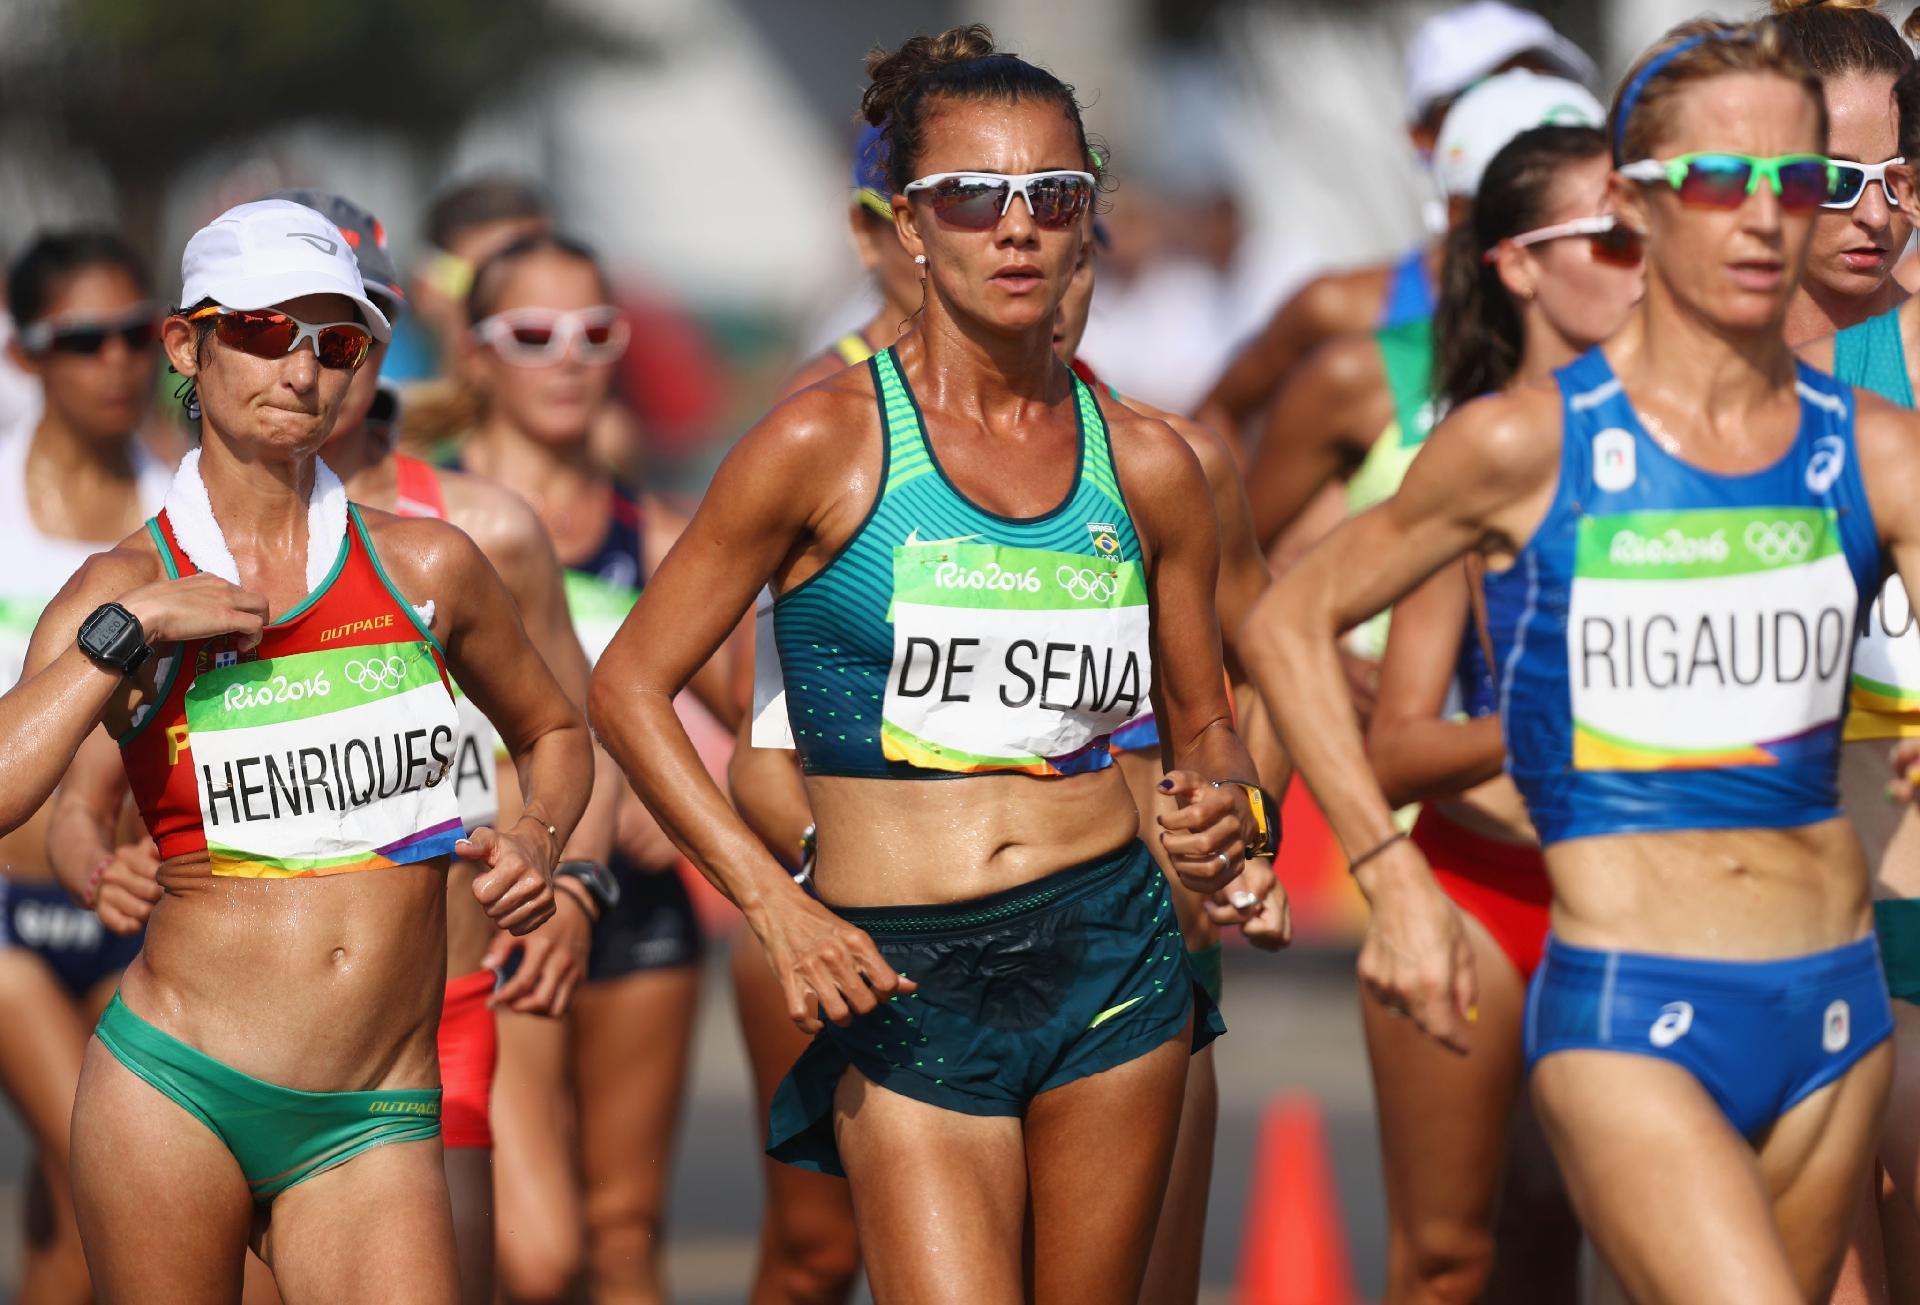 Érica de Sena termina em quarto e iguala melhor marca em Doha